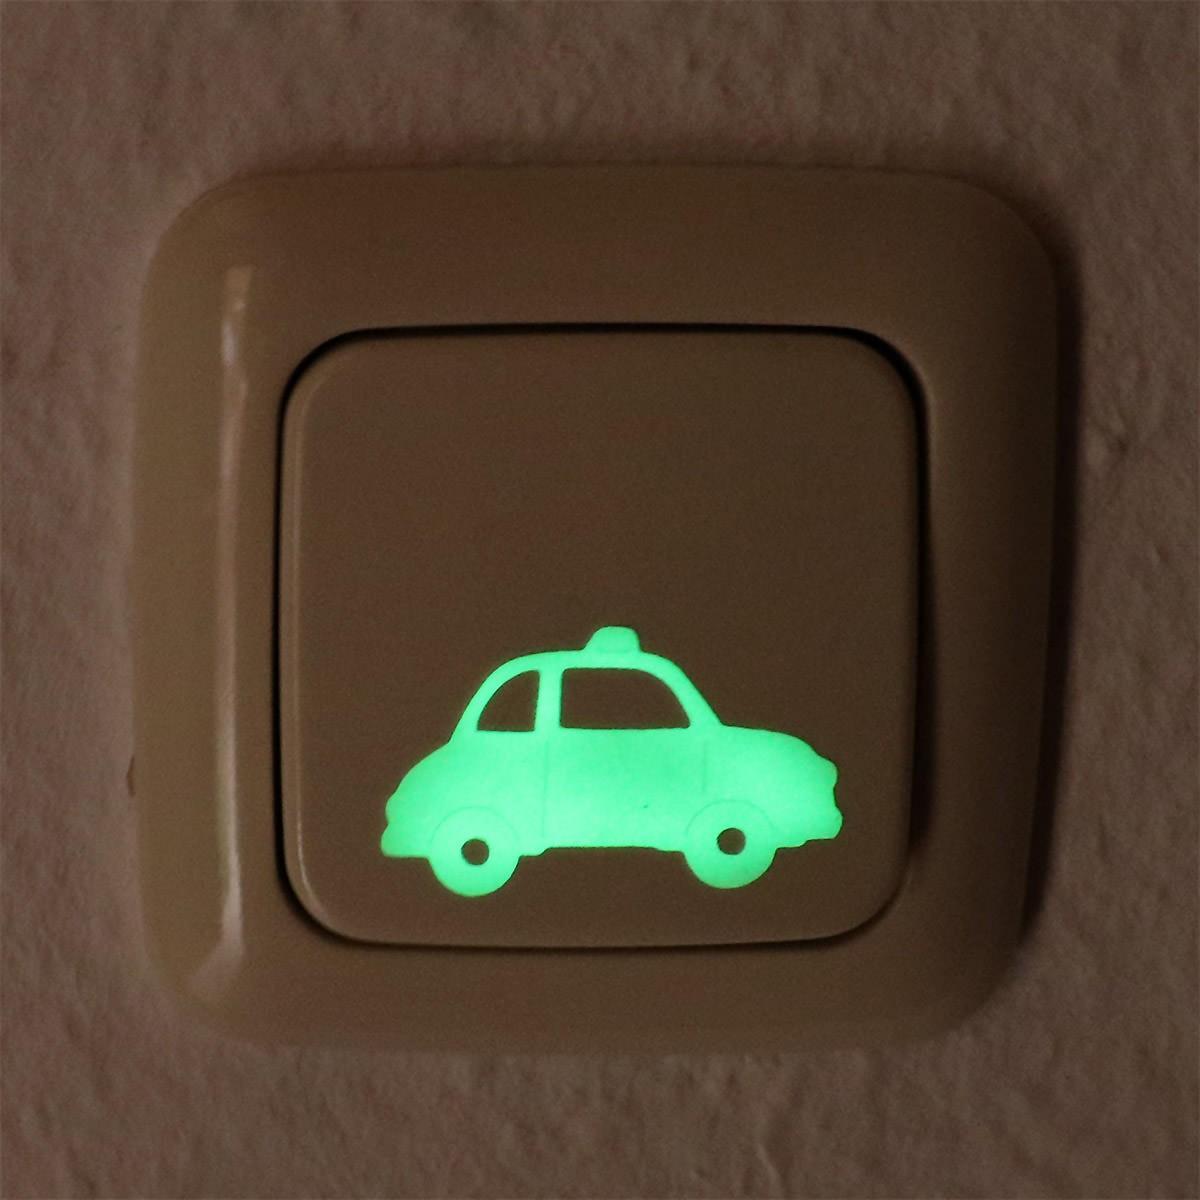 Leuchtender Sticker kleines Auto, leuchtet im Dunklen